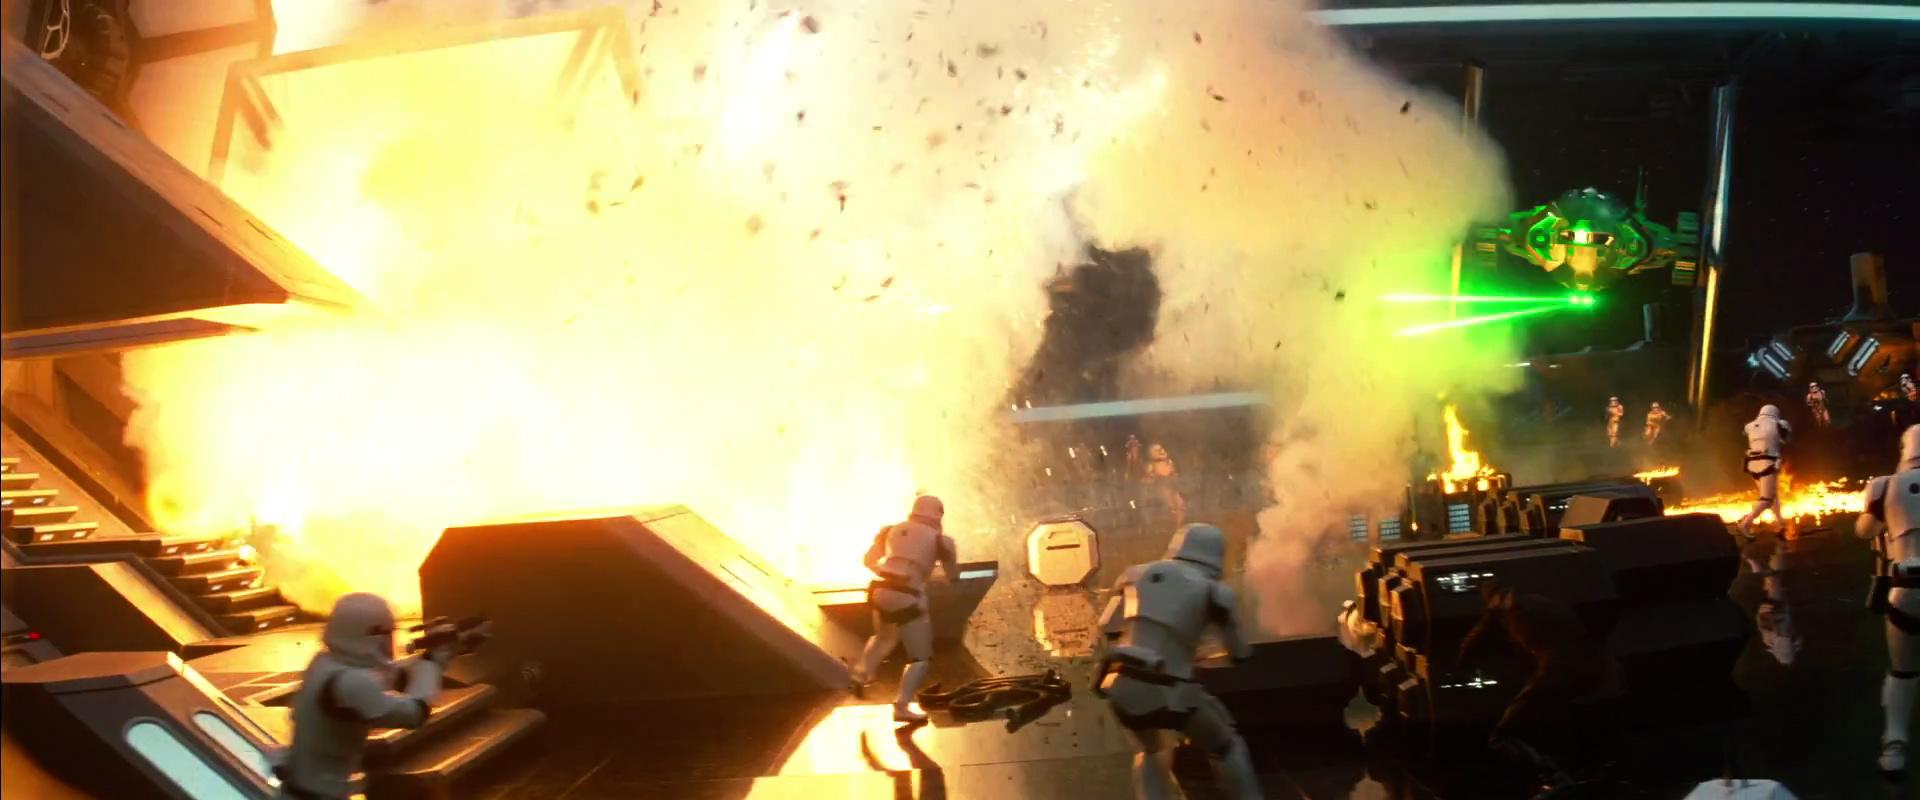 Star Wars  The Force Awakens Official Teaser #2 1846.jpg